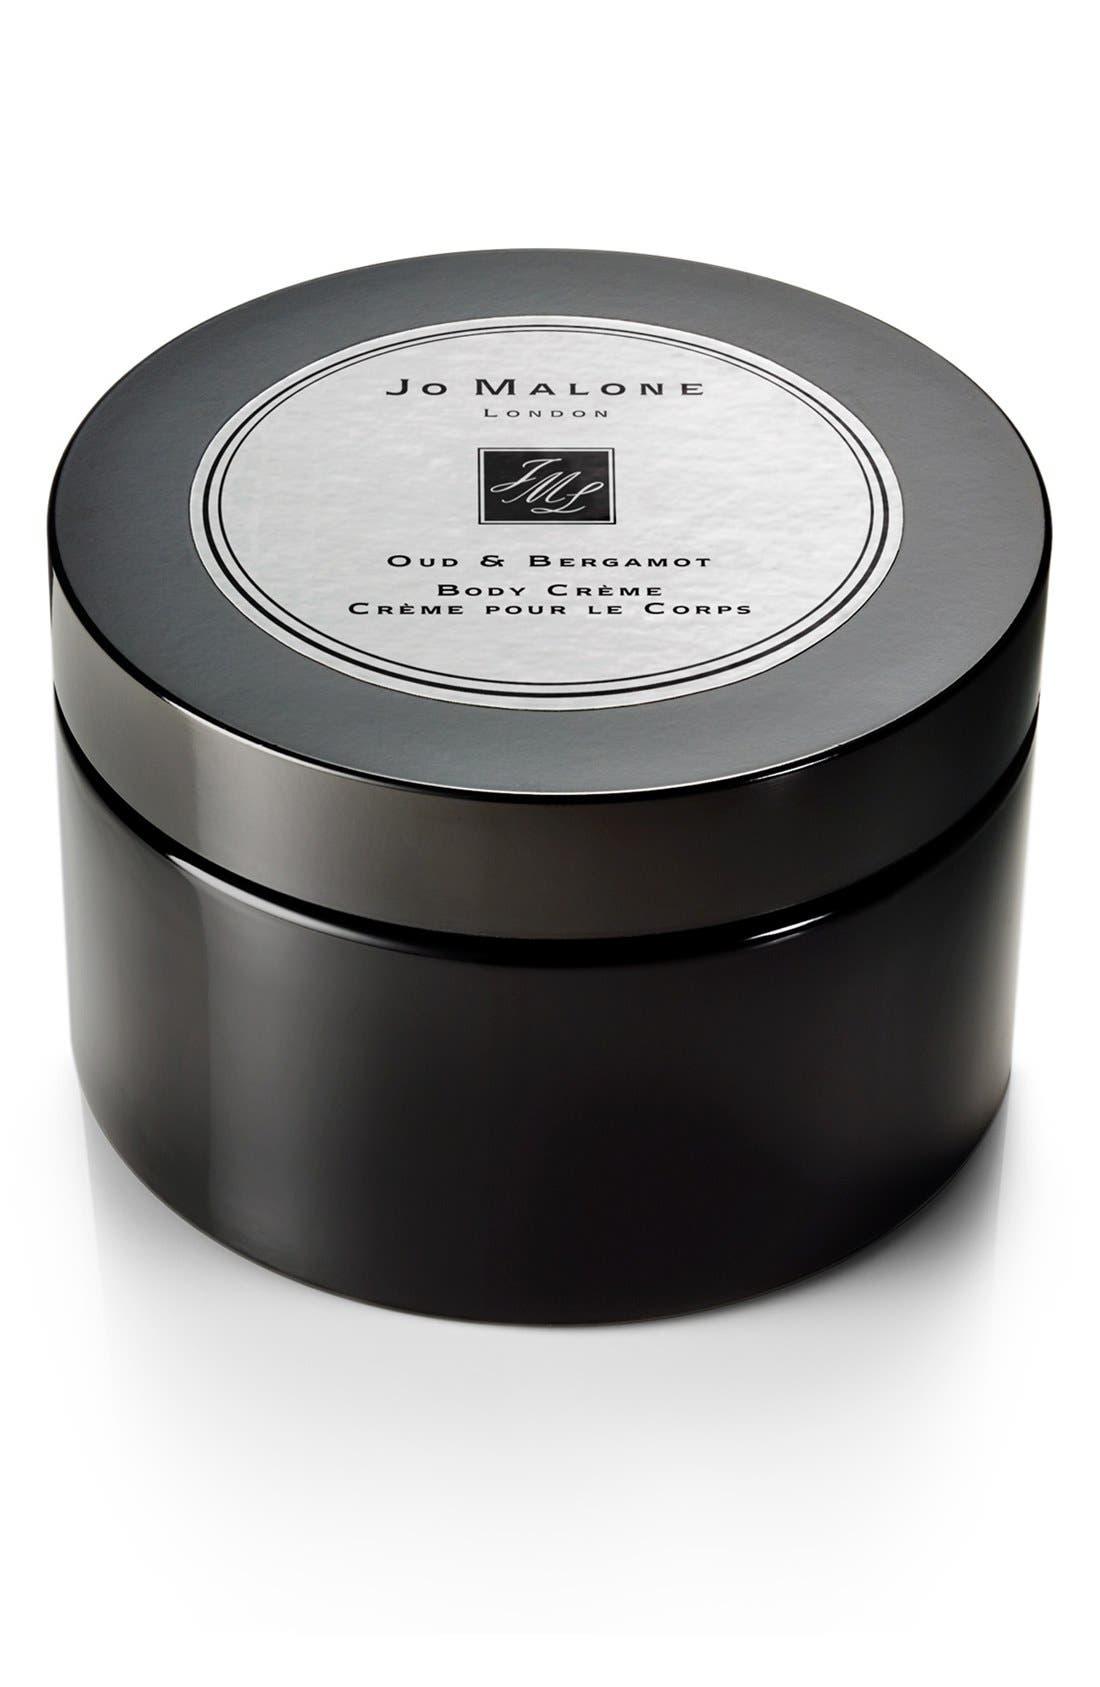 Jo Malone London™ Oud & Bergamot Body Crème